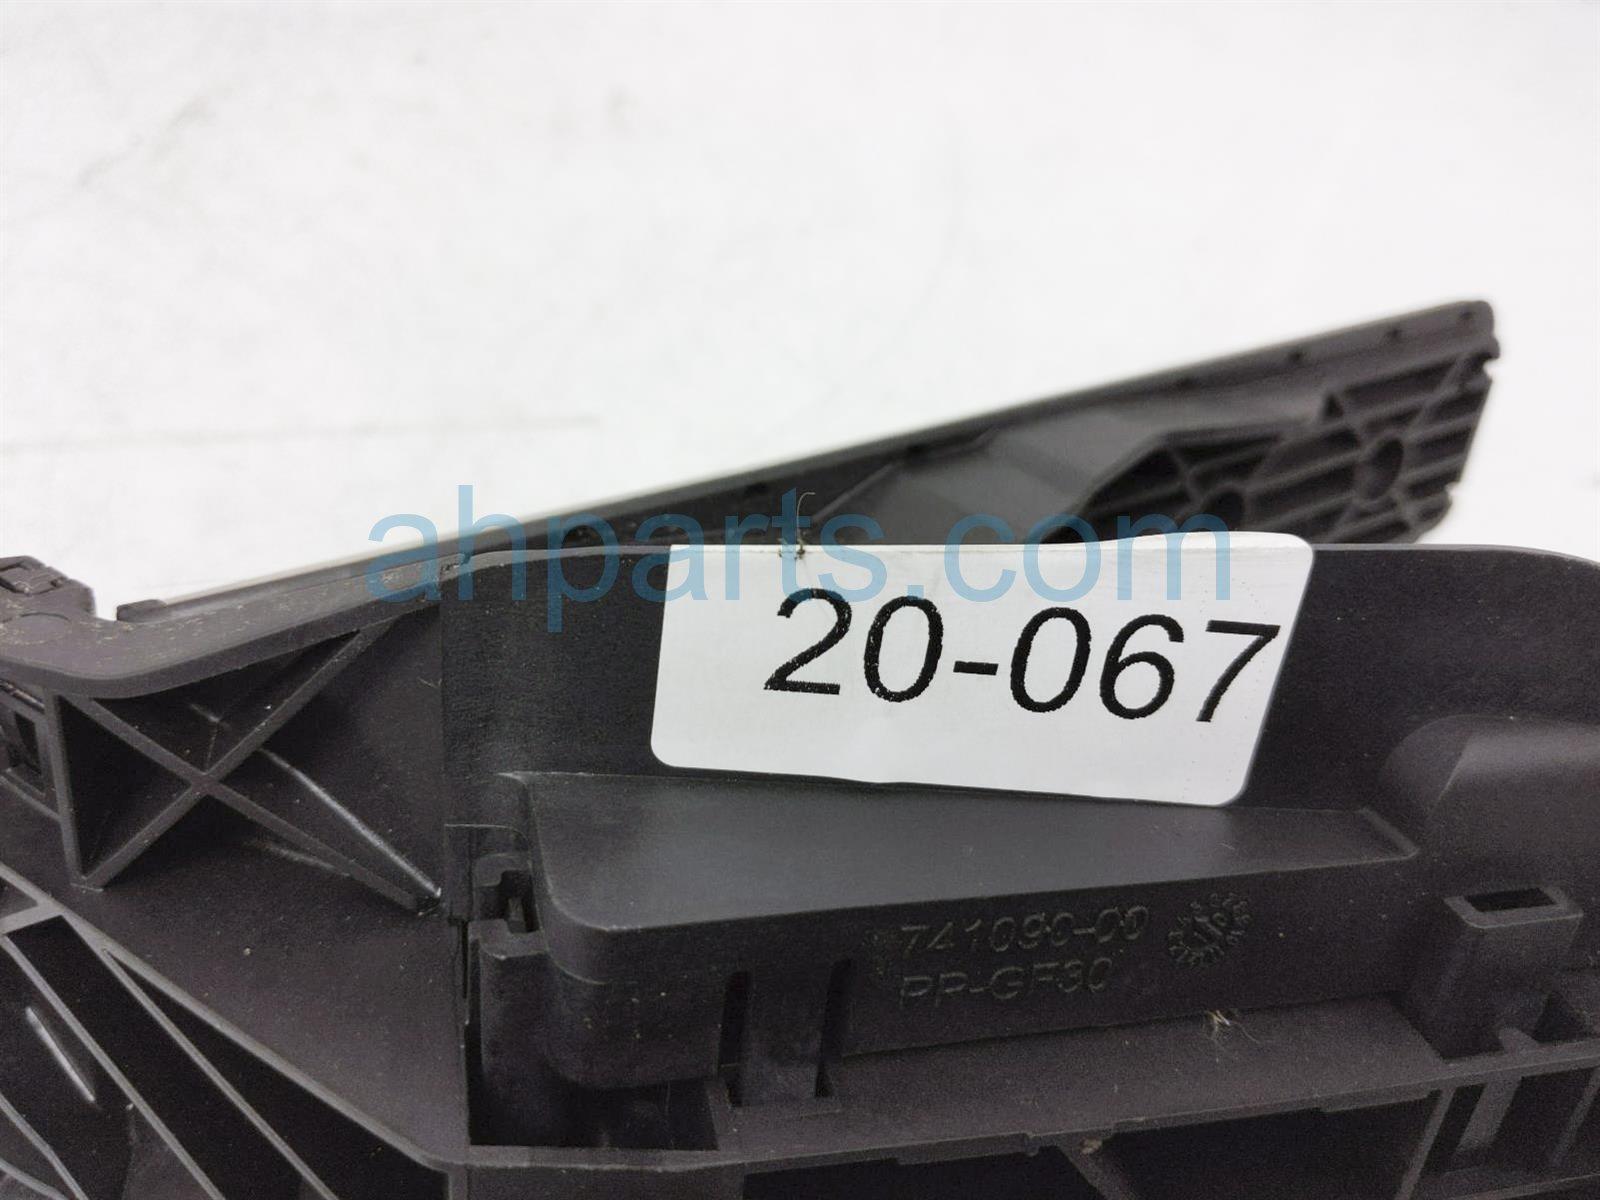 2011 Porsche Cayman Gas Pedal Assy 997 423 021 03 Replacement